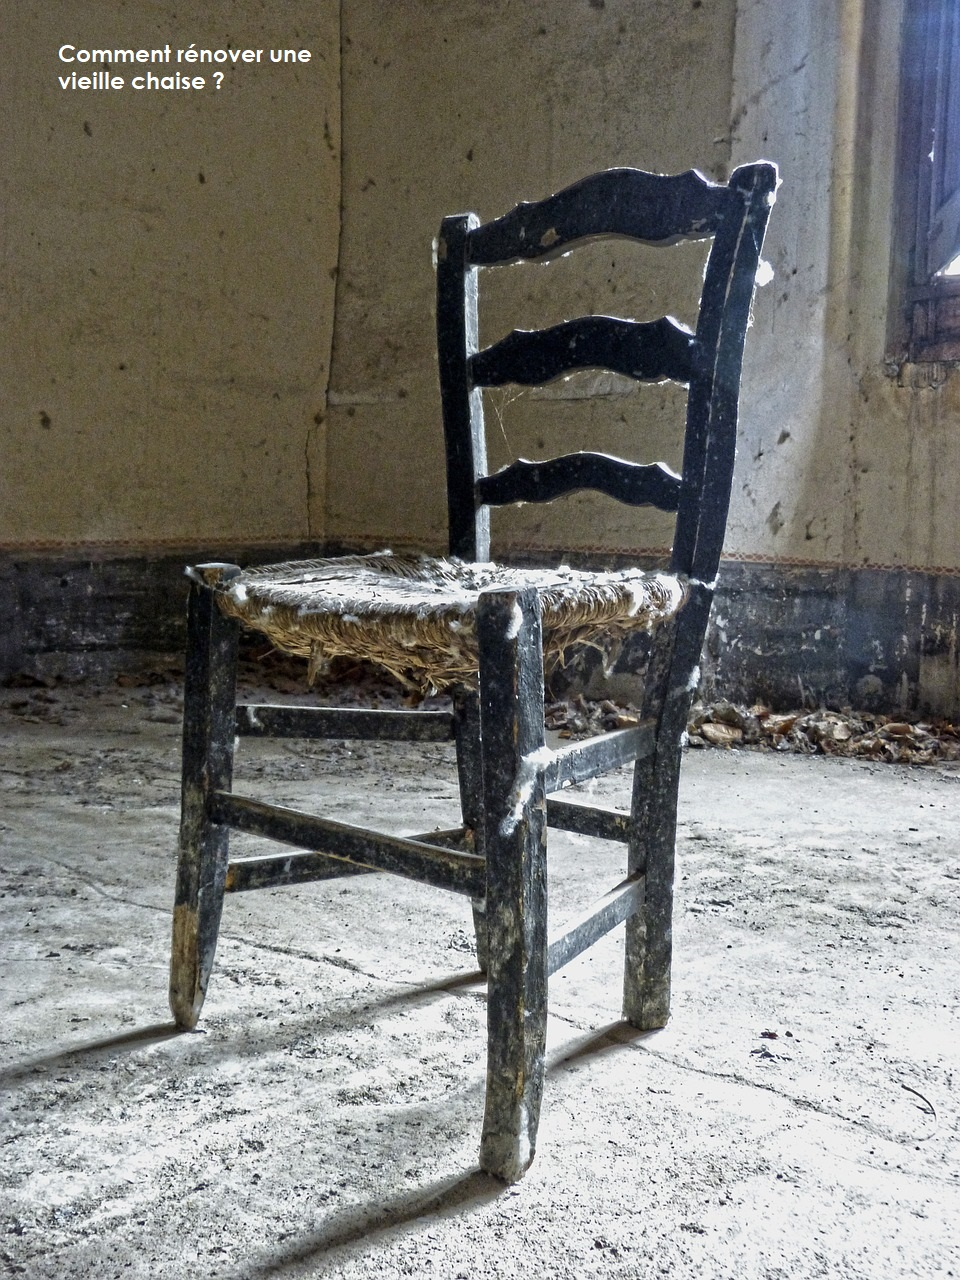 Comment rénover une vieille chaise ?